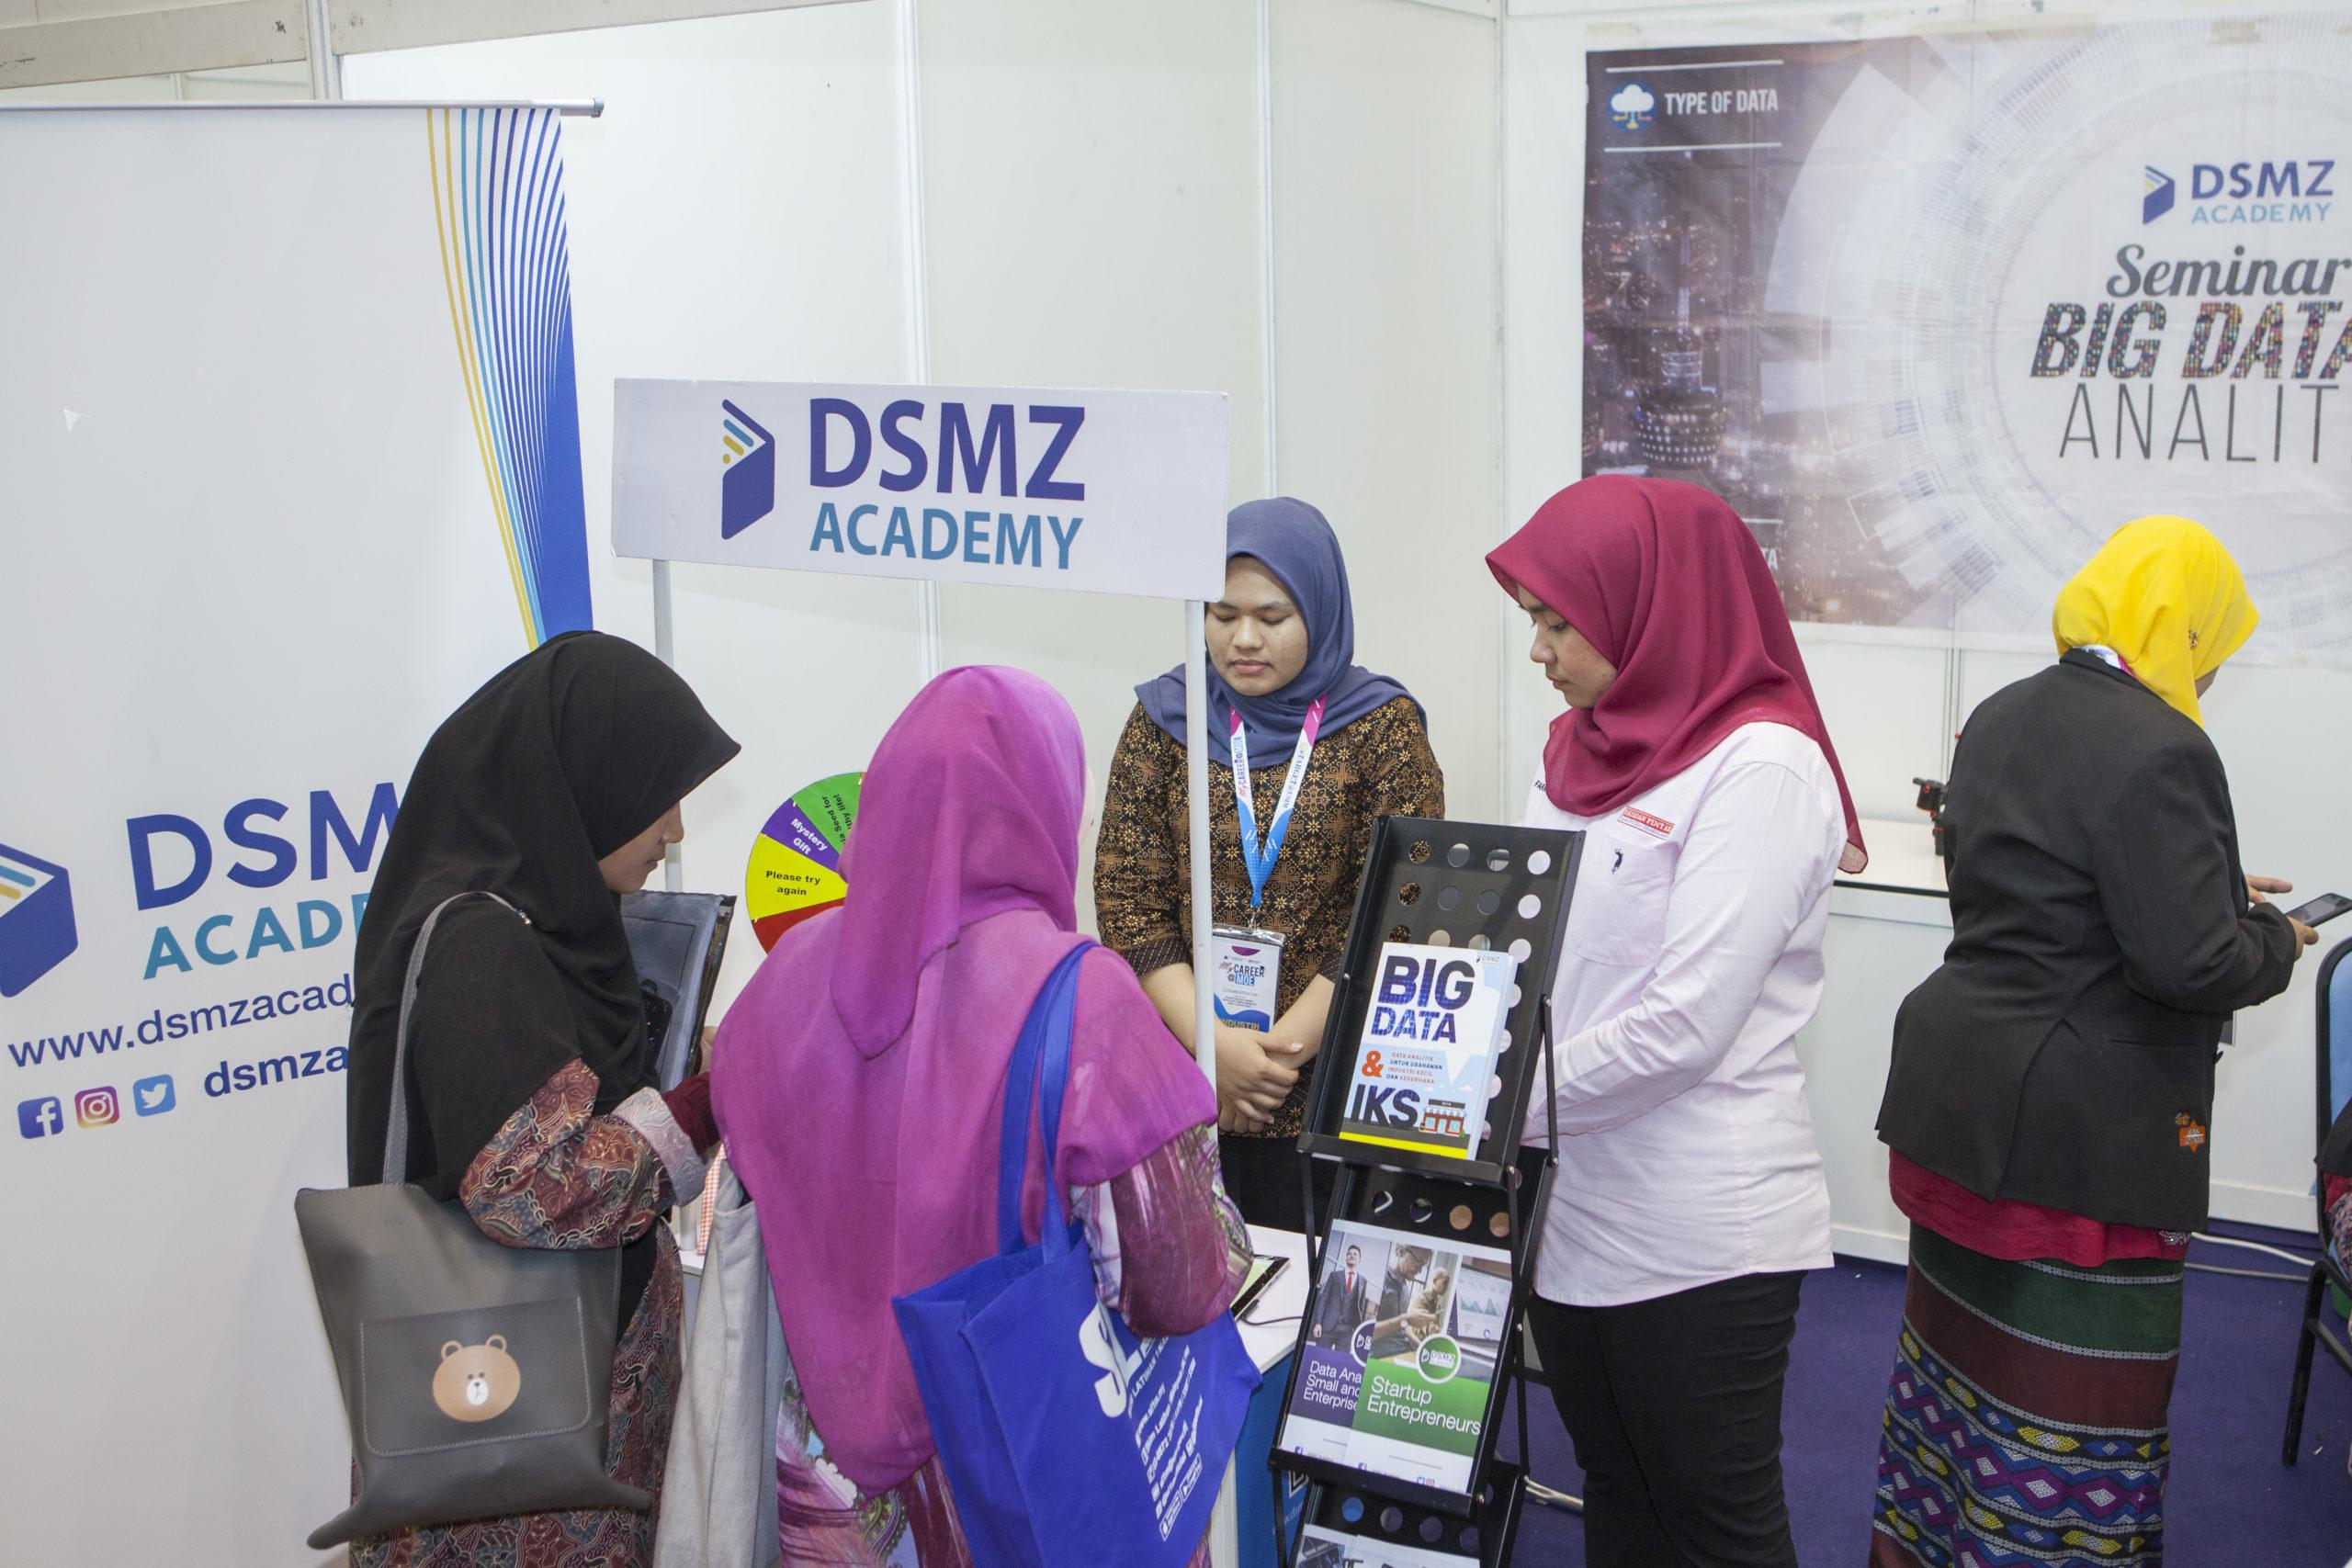 DSMZ-BOOTH-USIM9